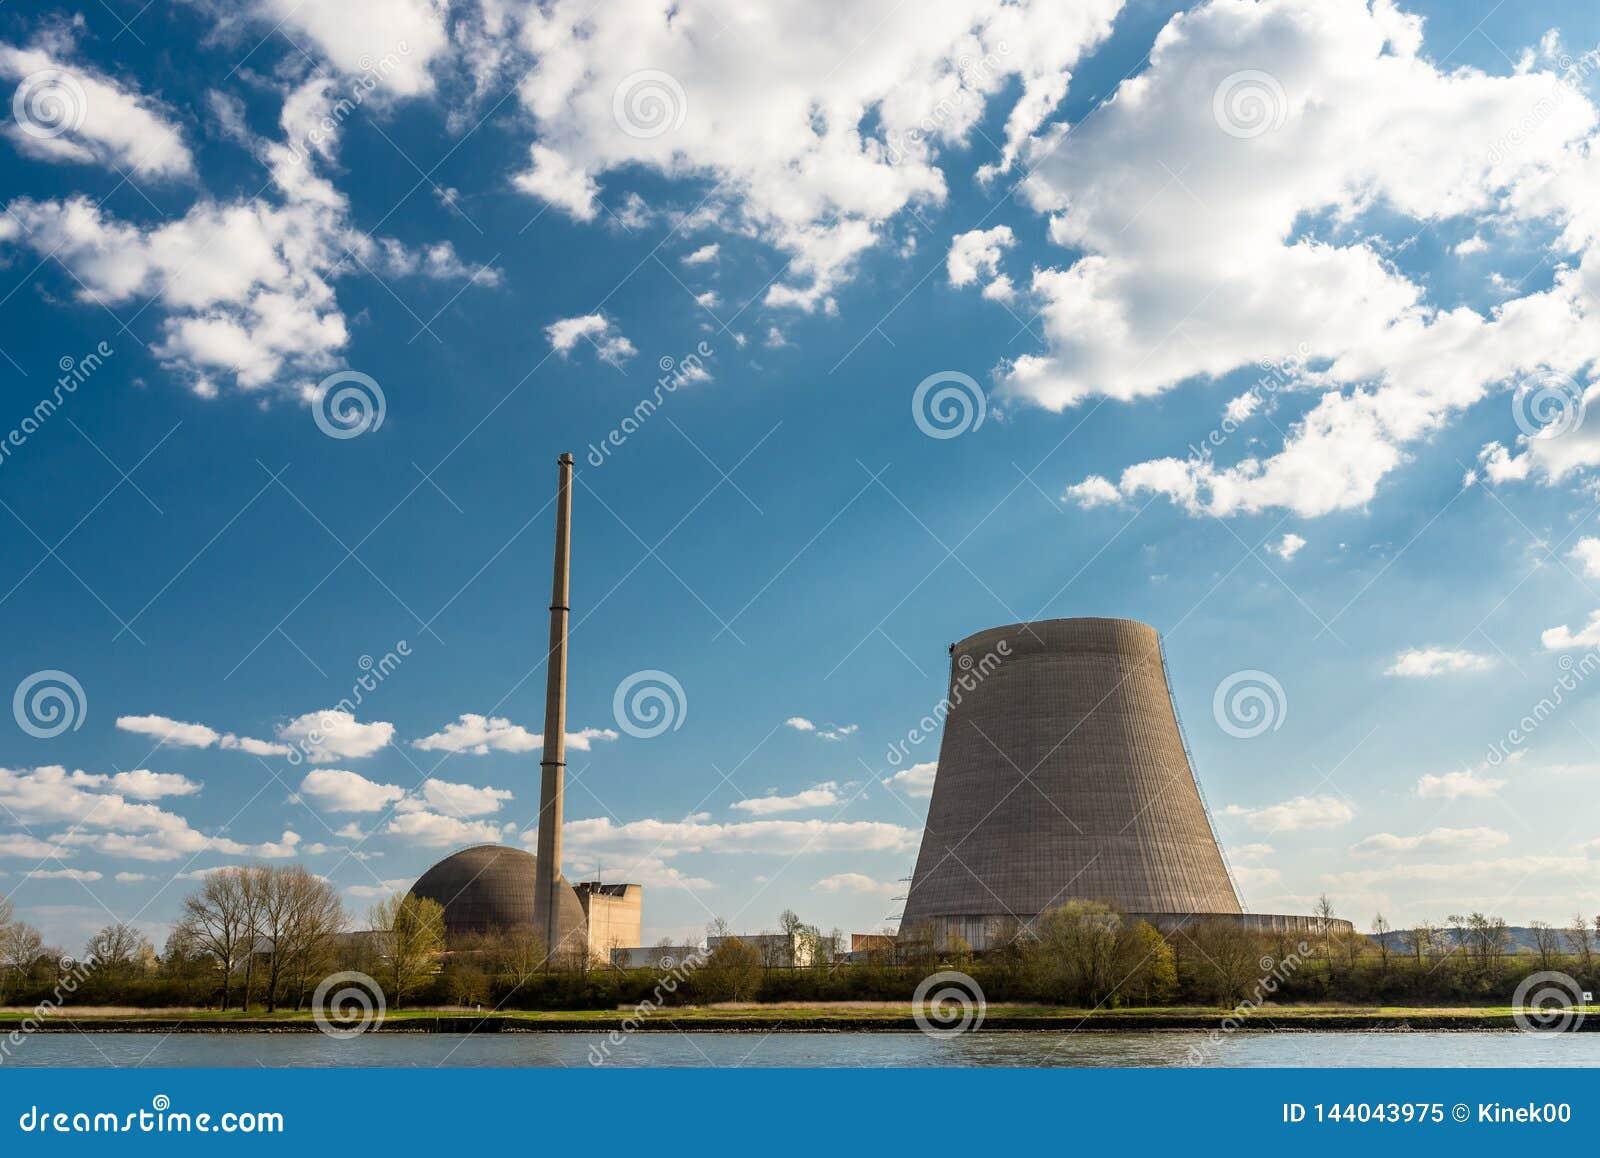 Rozmontowywający jądrowy atomowy komin przeciw niebieskiemu niebu z chmurami w Mulheim-Karlich w zachodnim Niemcy na Rhine rzece,